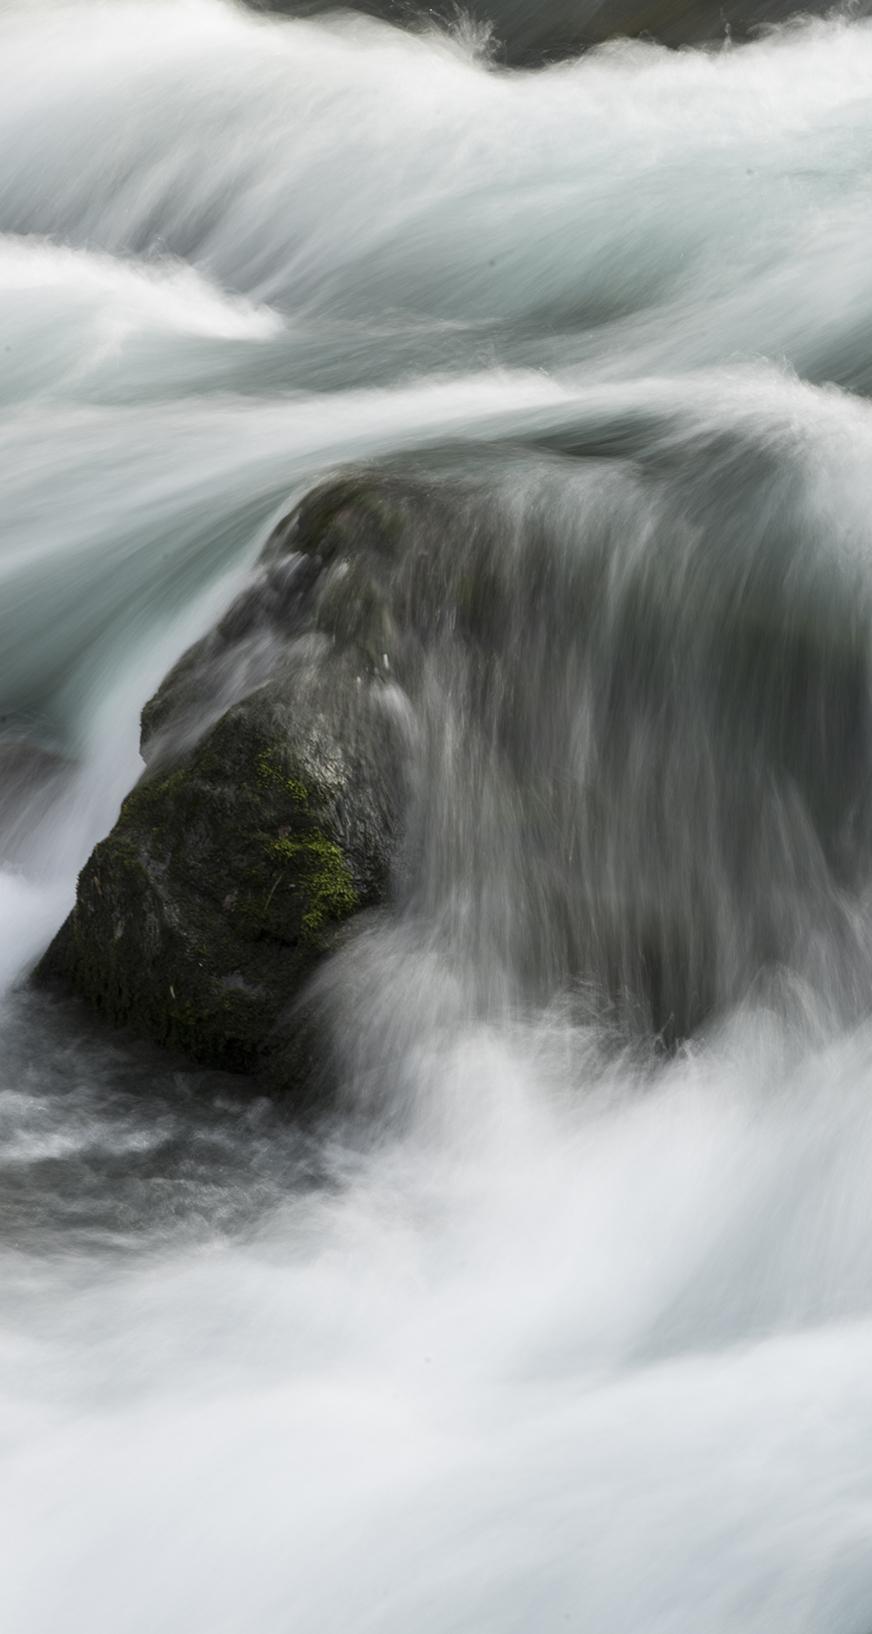 噴水のiphoneスマホ無料壁紙 待ち受け 345 フォトック